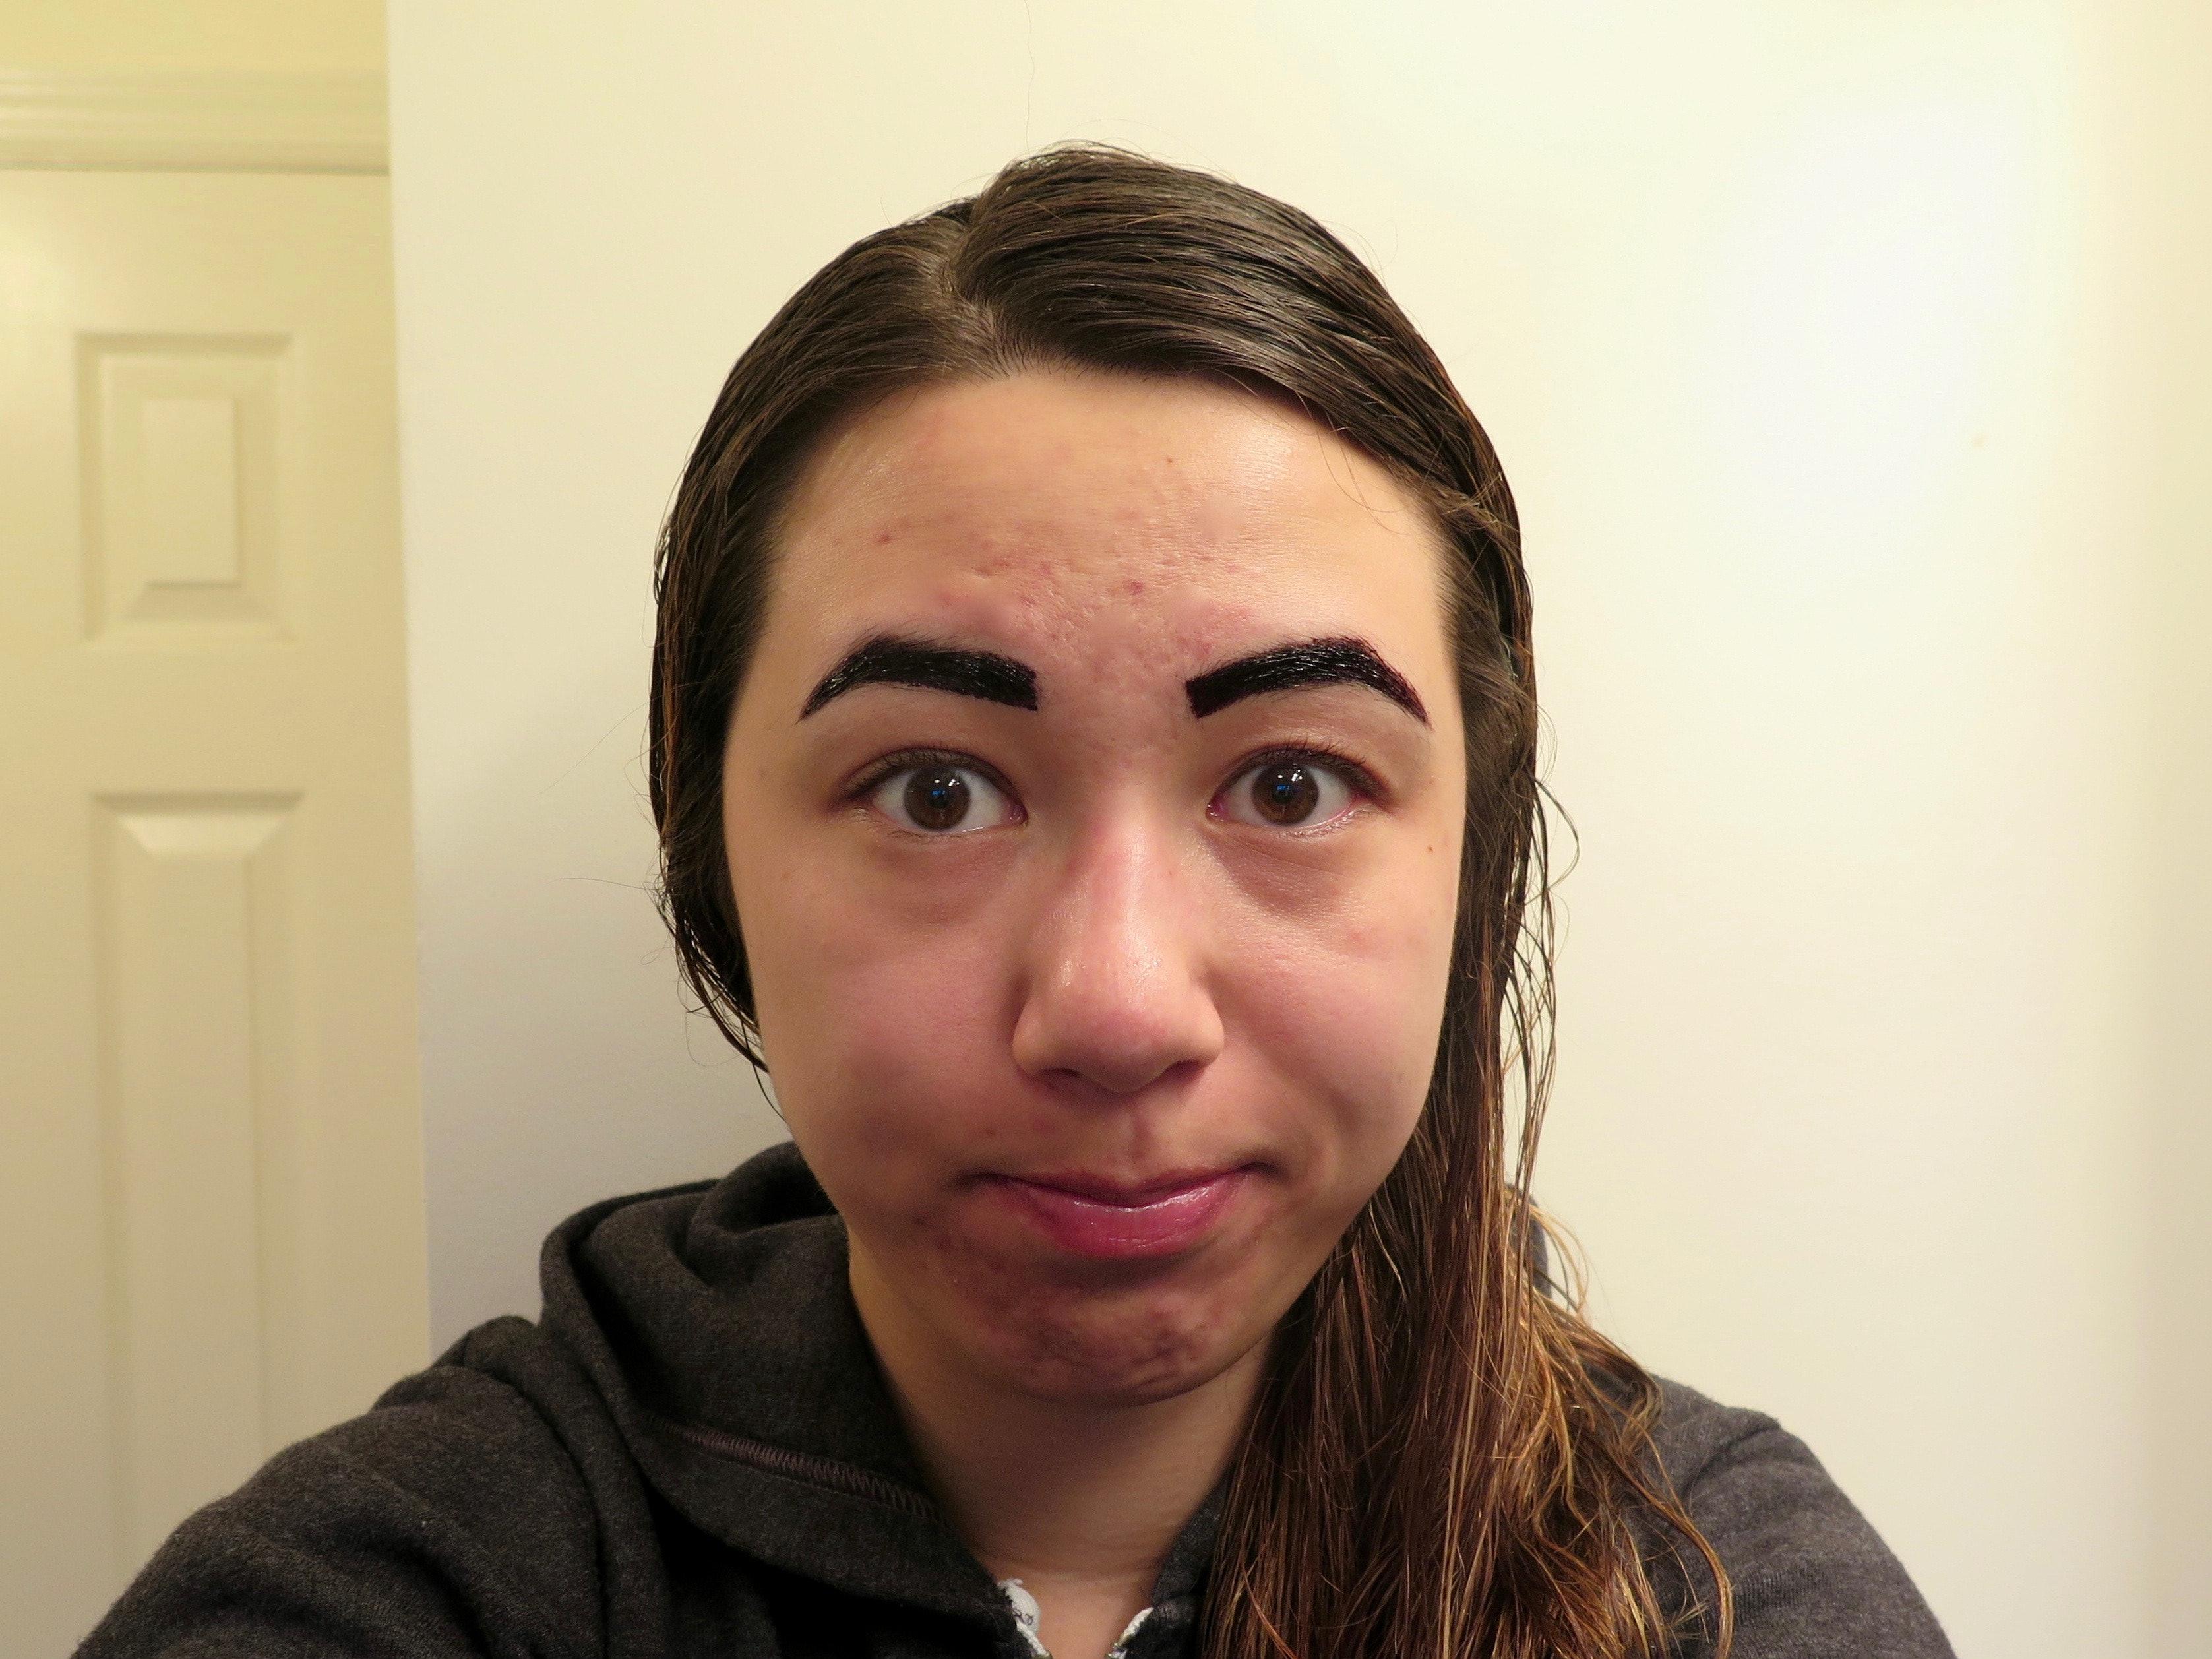 Asian grow eyebrow hair